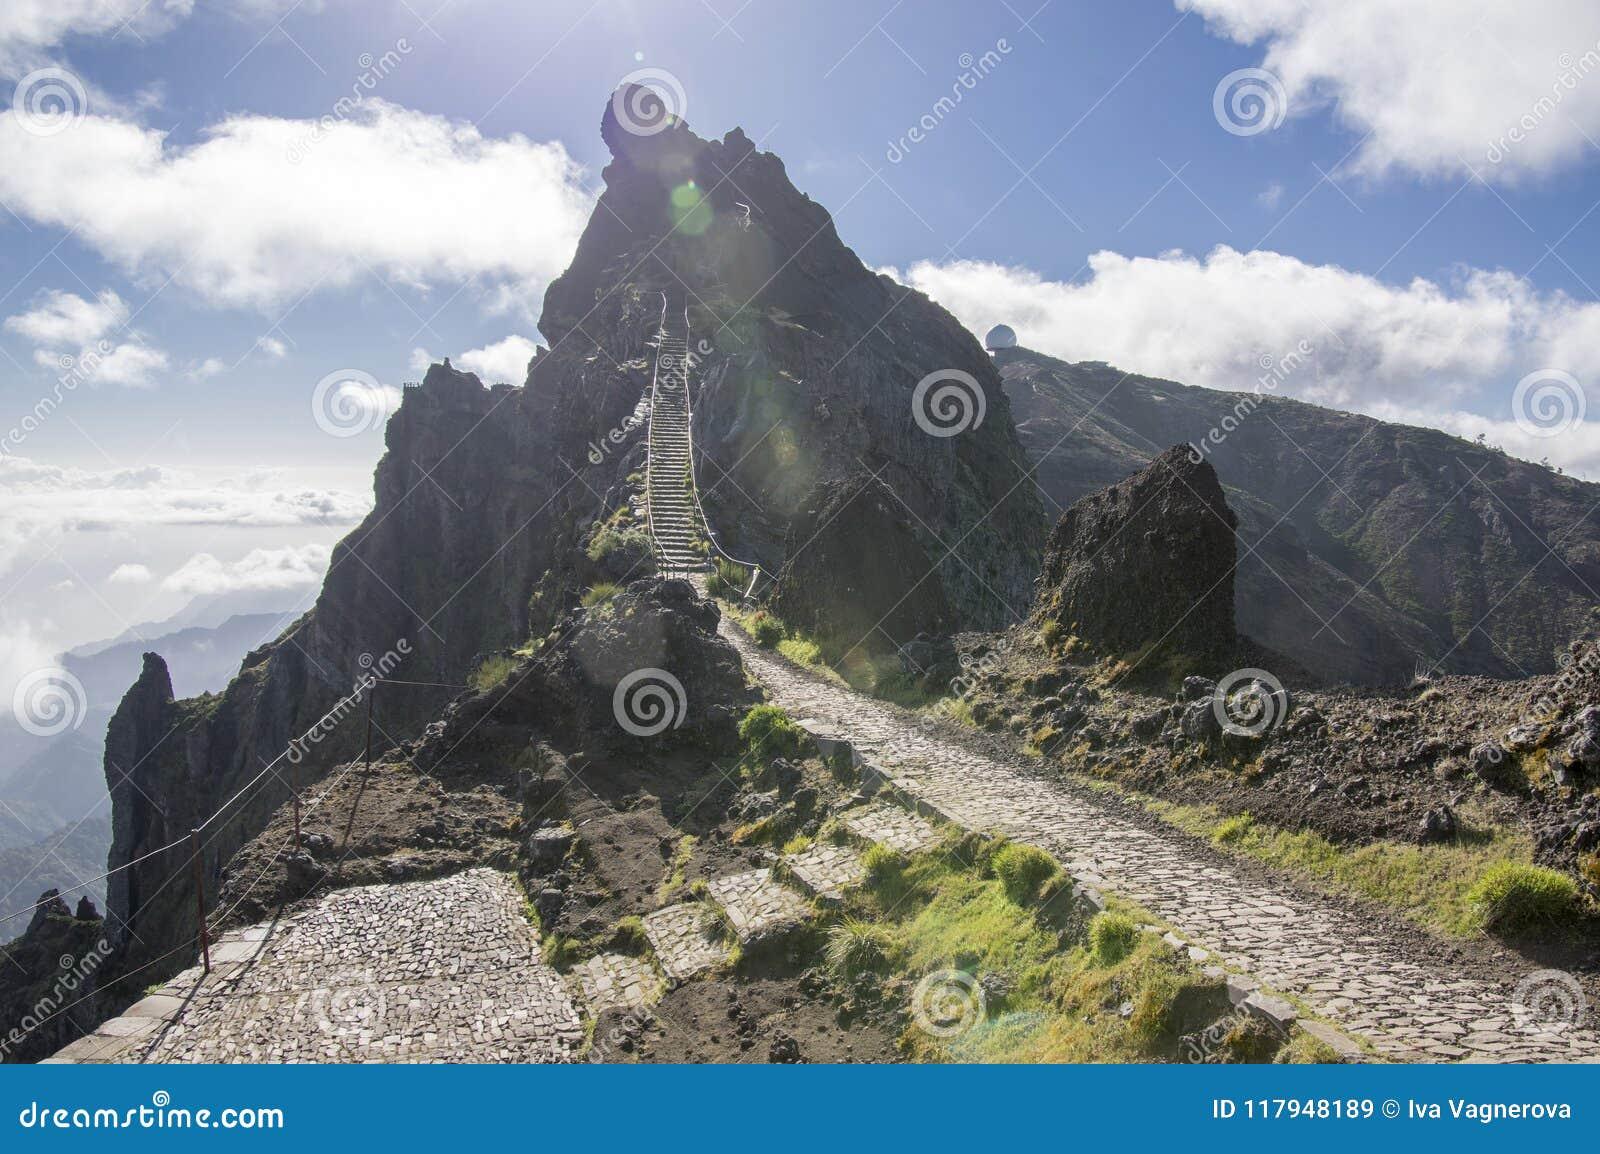 Pico hace la pista de senderismo de Arieiro, el paisaje mágico asombroso con visiones increíbles, las rocas y la niebla, estación